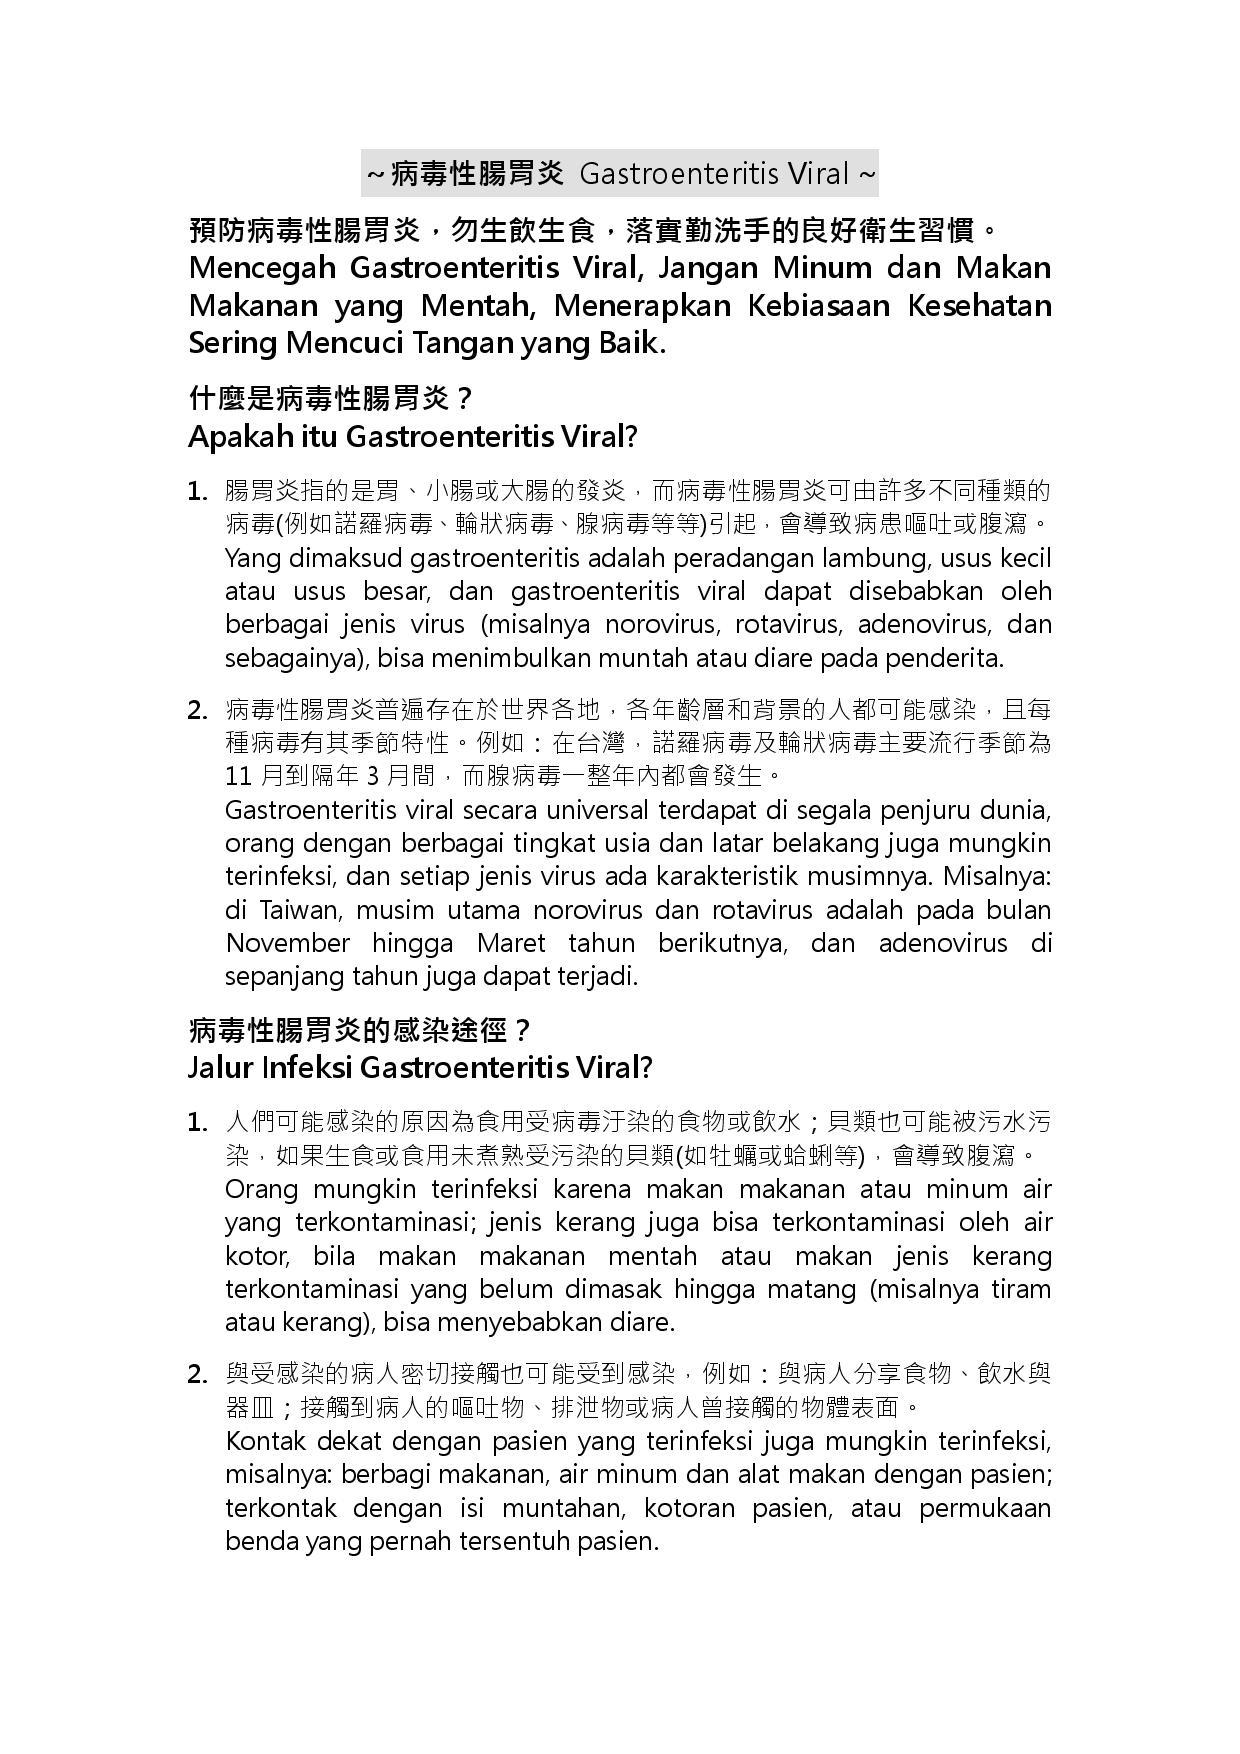 詳如附件【Klik】Mencegah Gastroenteritis Viral(Halaman 1)預防病毒性腸胃炎(印尼文)